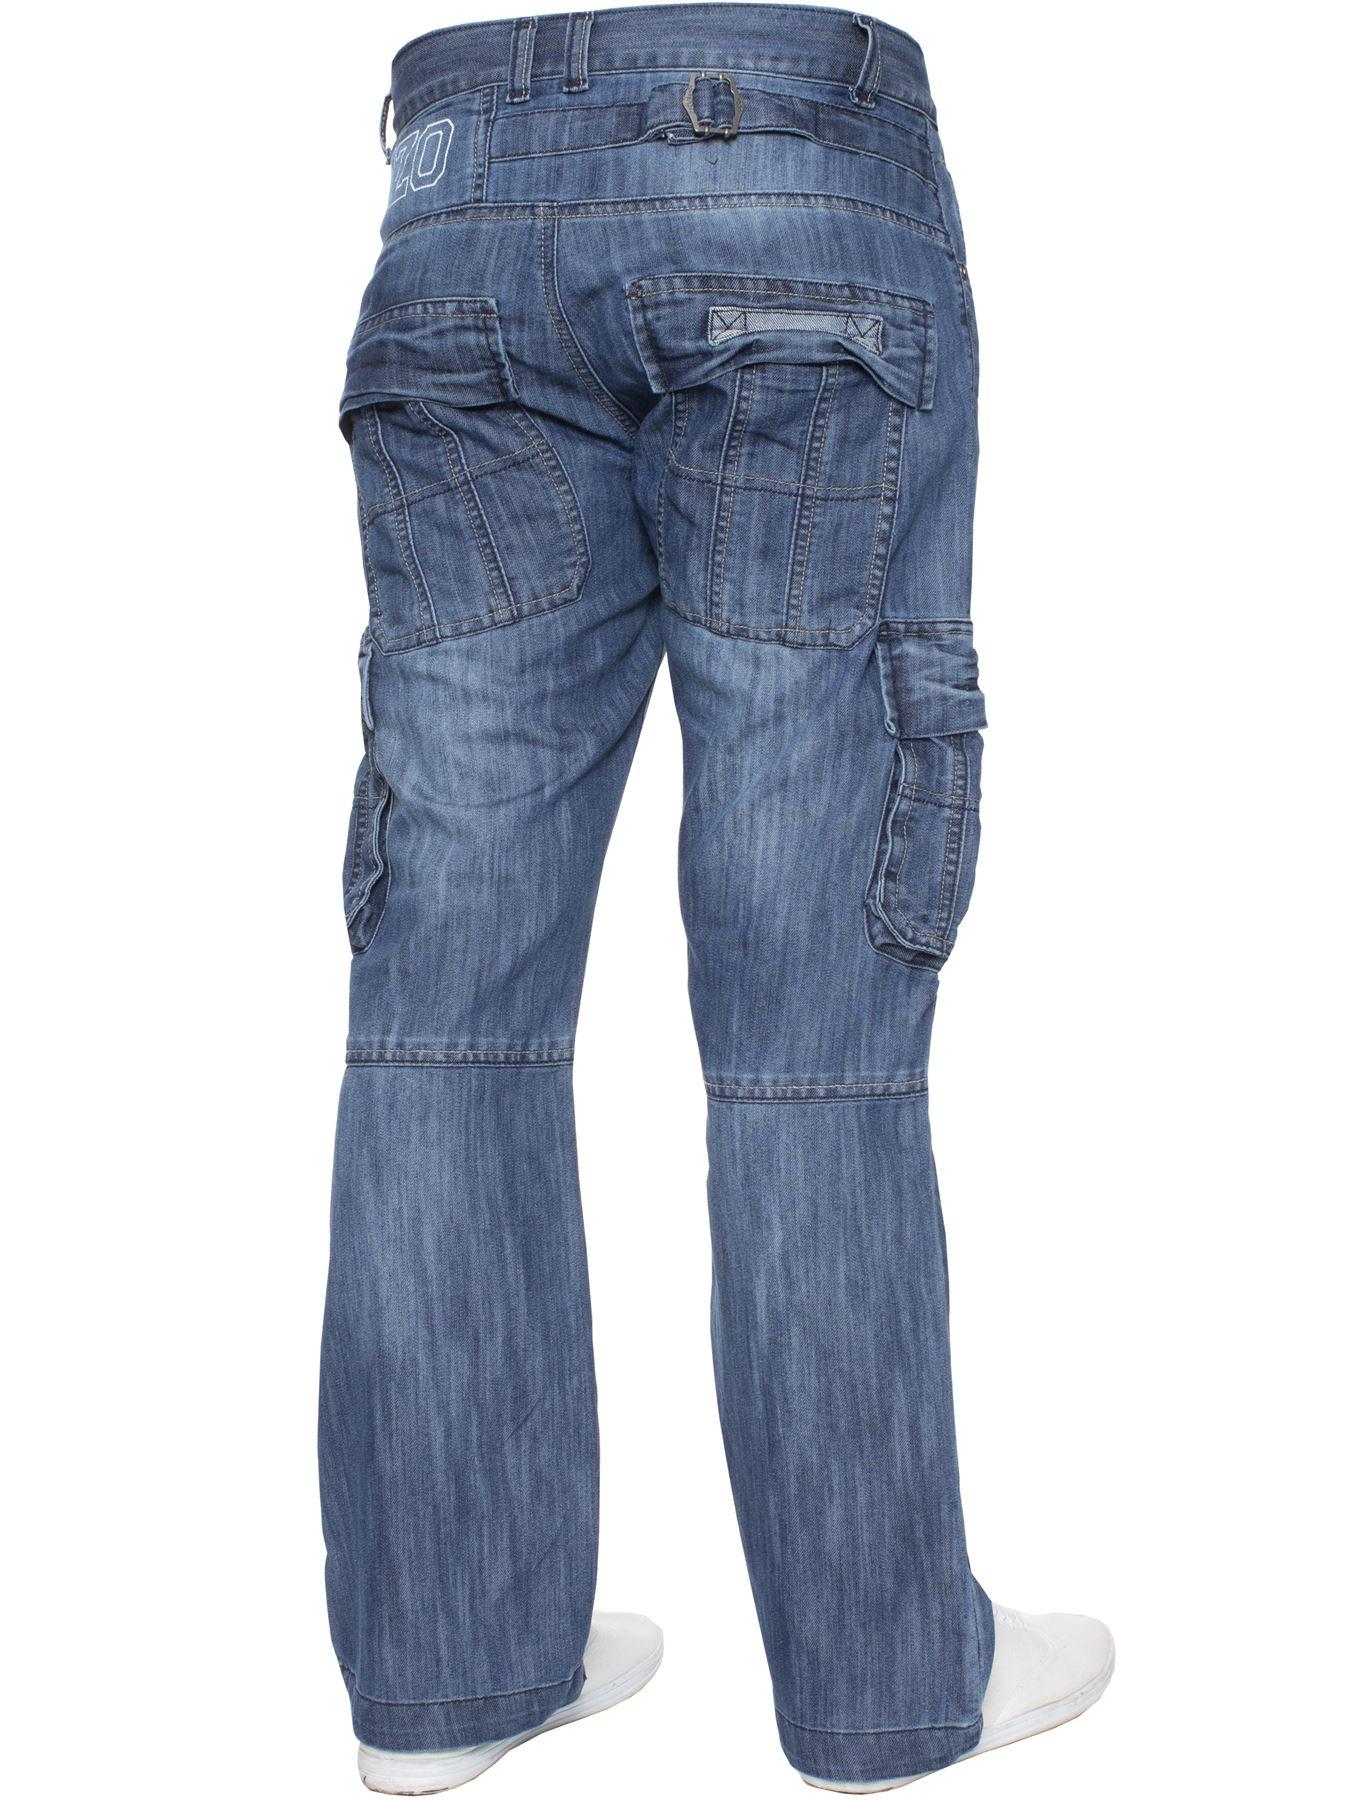 Jeans-Para-Hombre-de-carga-de-combate-pesado-Pantalones-de-trabajo-pantalones-de-mezclilla-Big-King miniatura 12